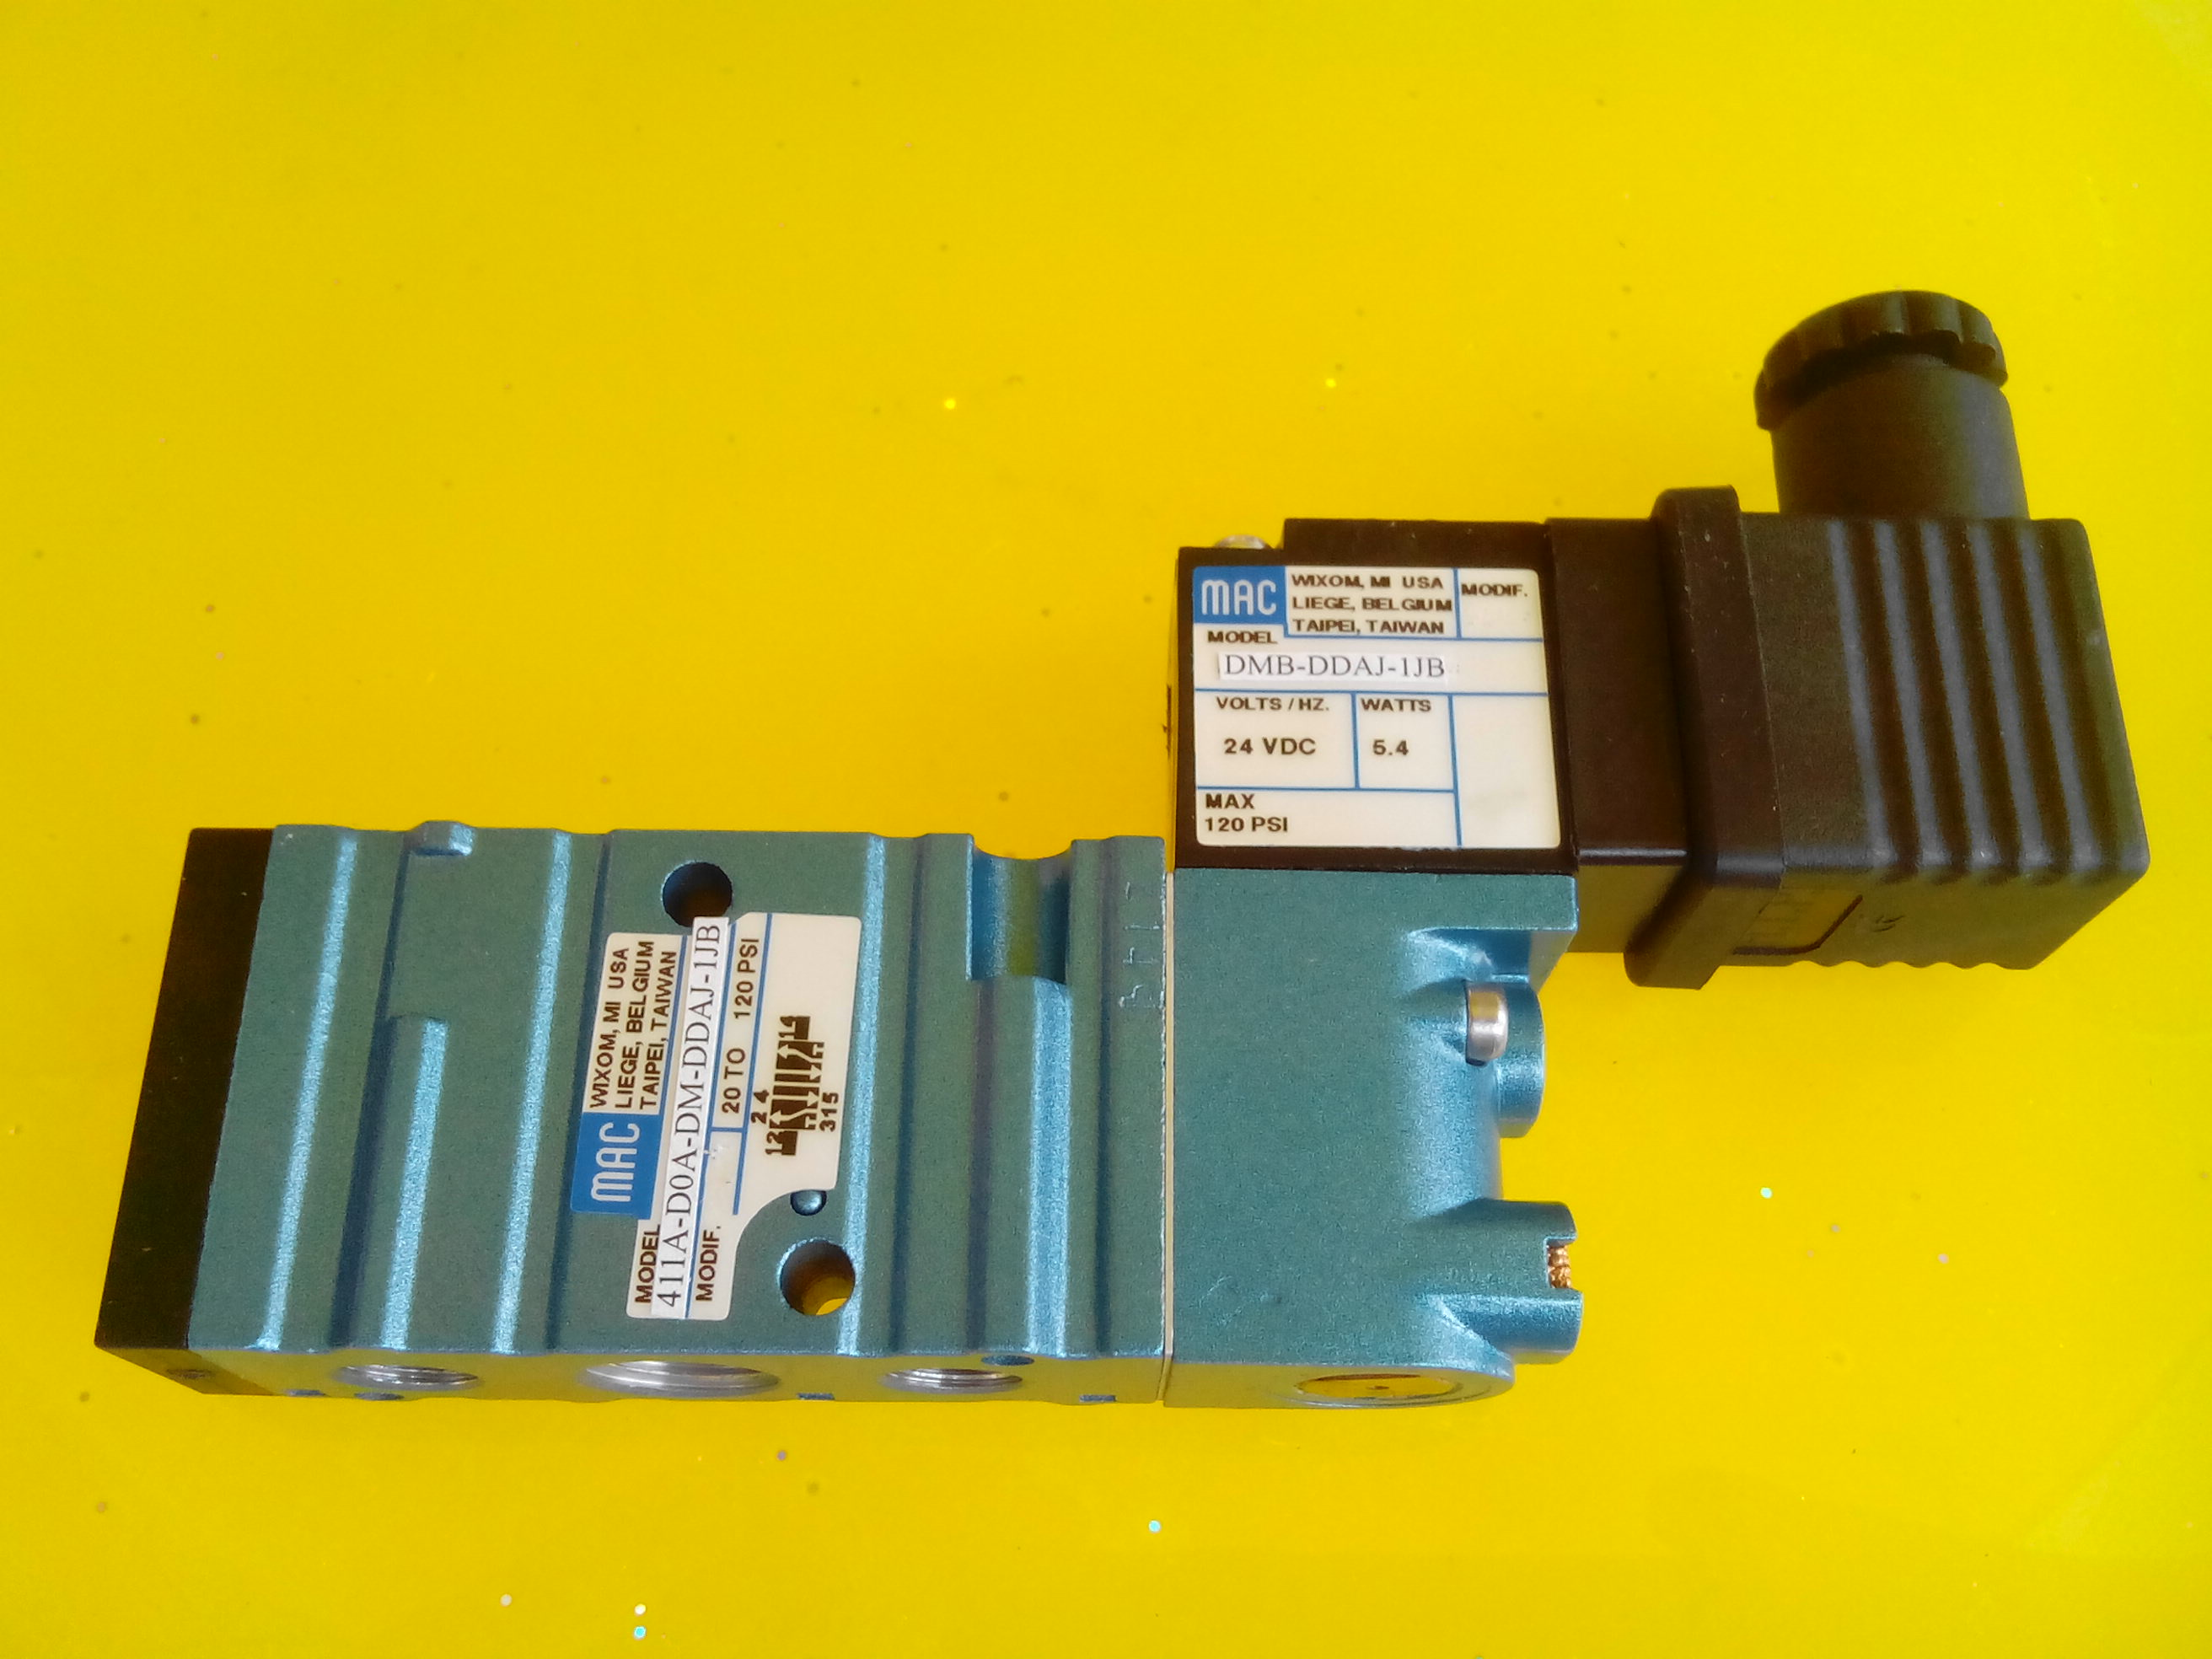 De Verenigde Staten MAC elektromagnetische klep 411A-DOA-DM-DDAJ-1JB echte originele bestand zijn.